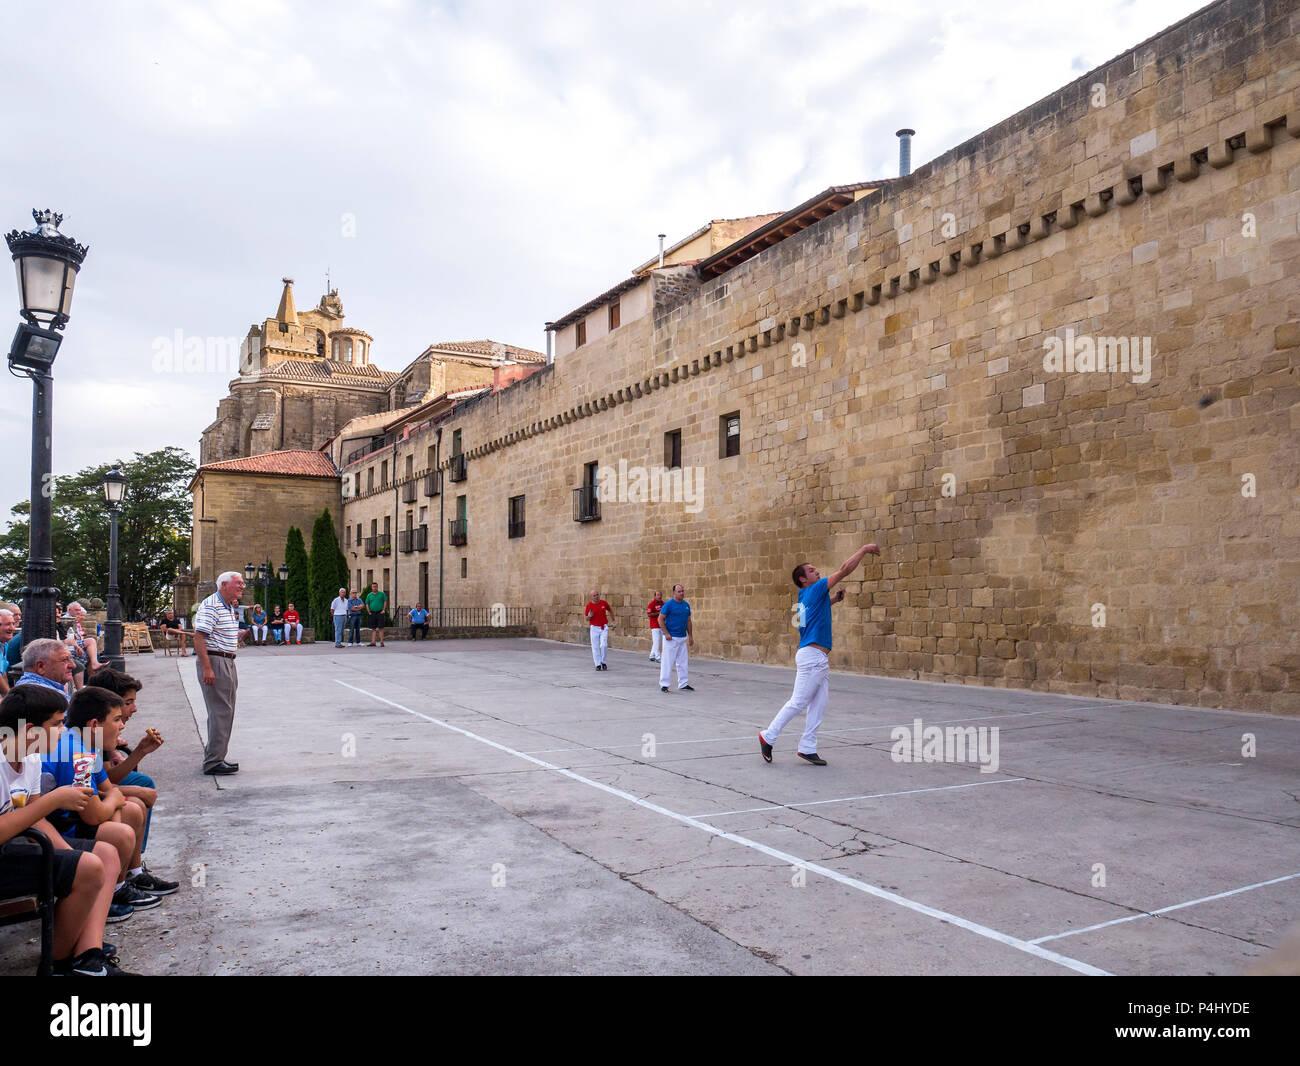 La pelota vasca en La Guardia. D'Álava. España Banque D'Images